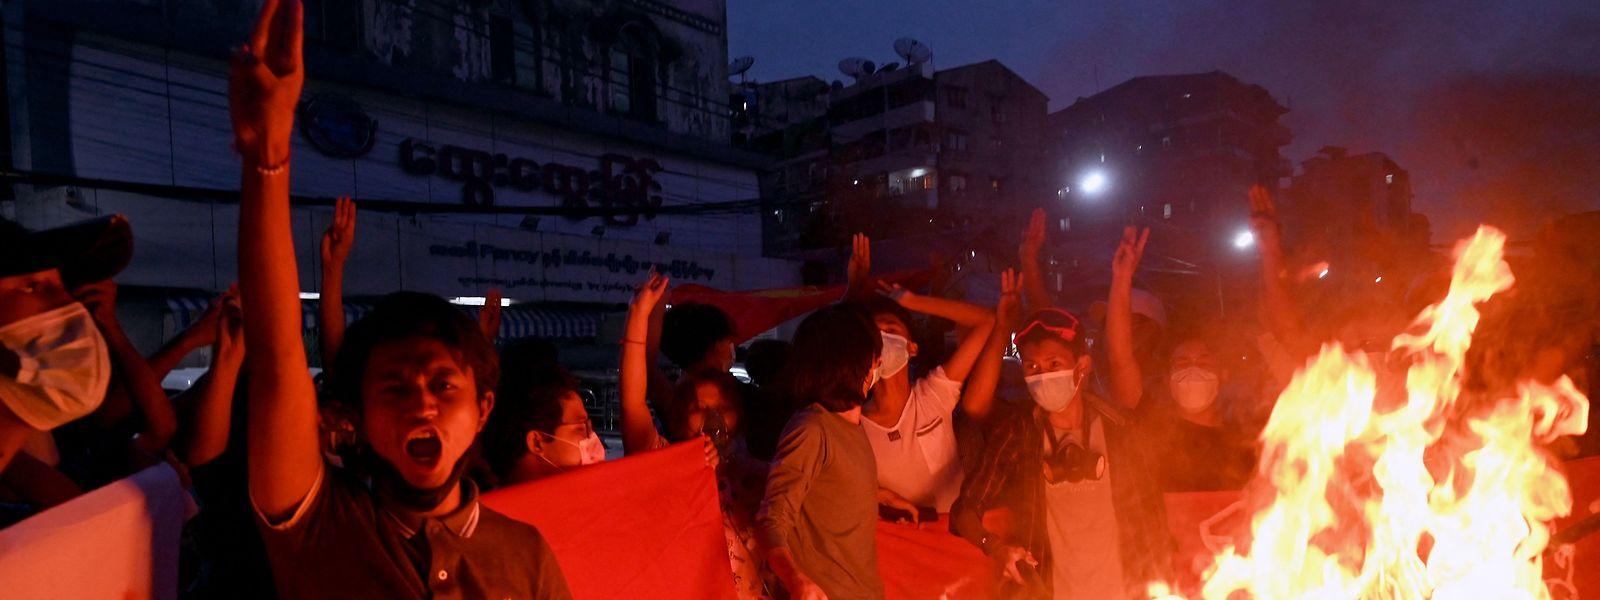 Auch sechs Monate nach dem Militärputsch gehen die Menschen zu Tausenden auf die Straße, um gegen die Junta zu demonstrieren. Die reagiert mit Gewalt und Verhaftungen.